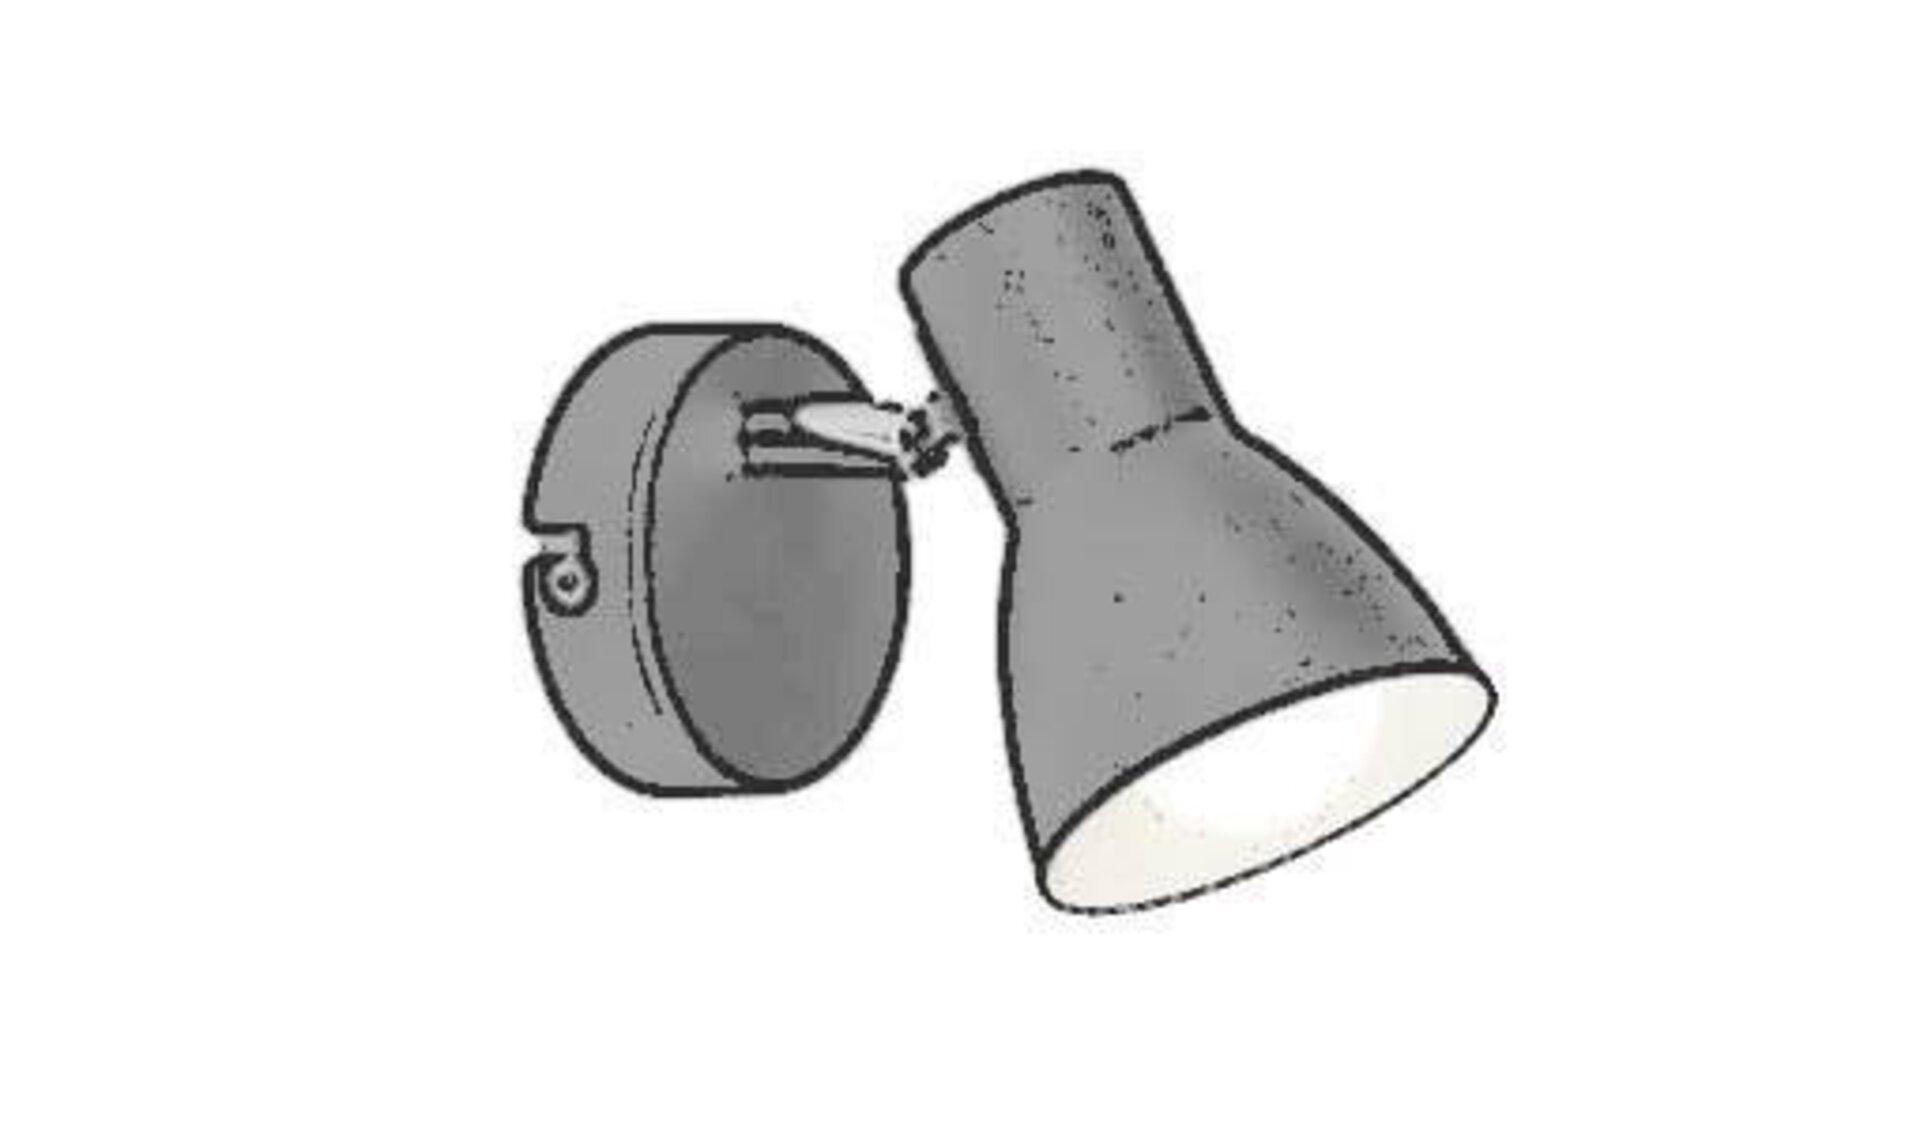 Verstellbarer Strahler zur Wandmontage als Icon für Spots und Strahler innerhalb der Innenleuchten.